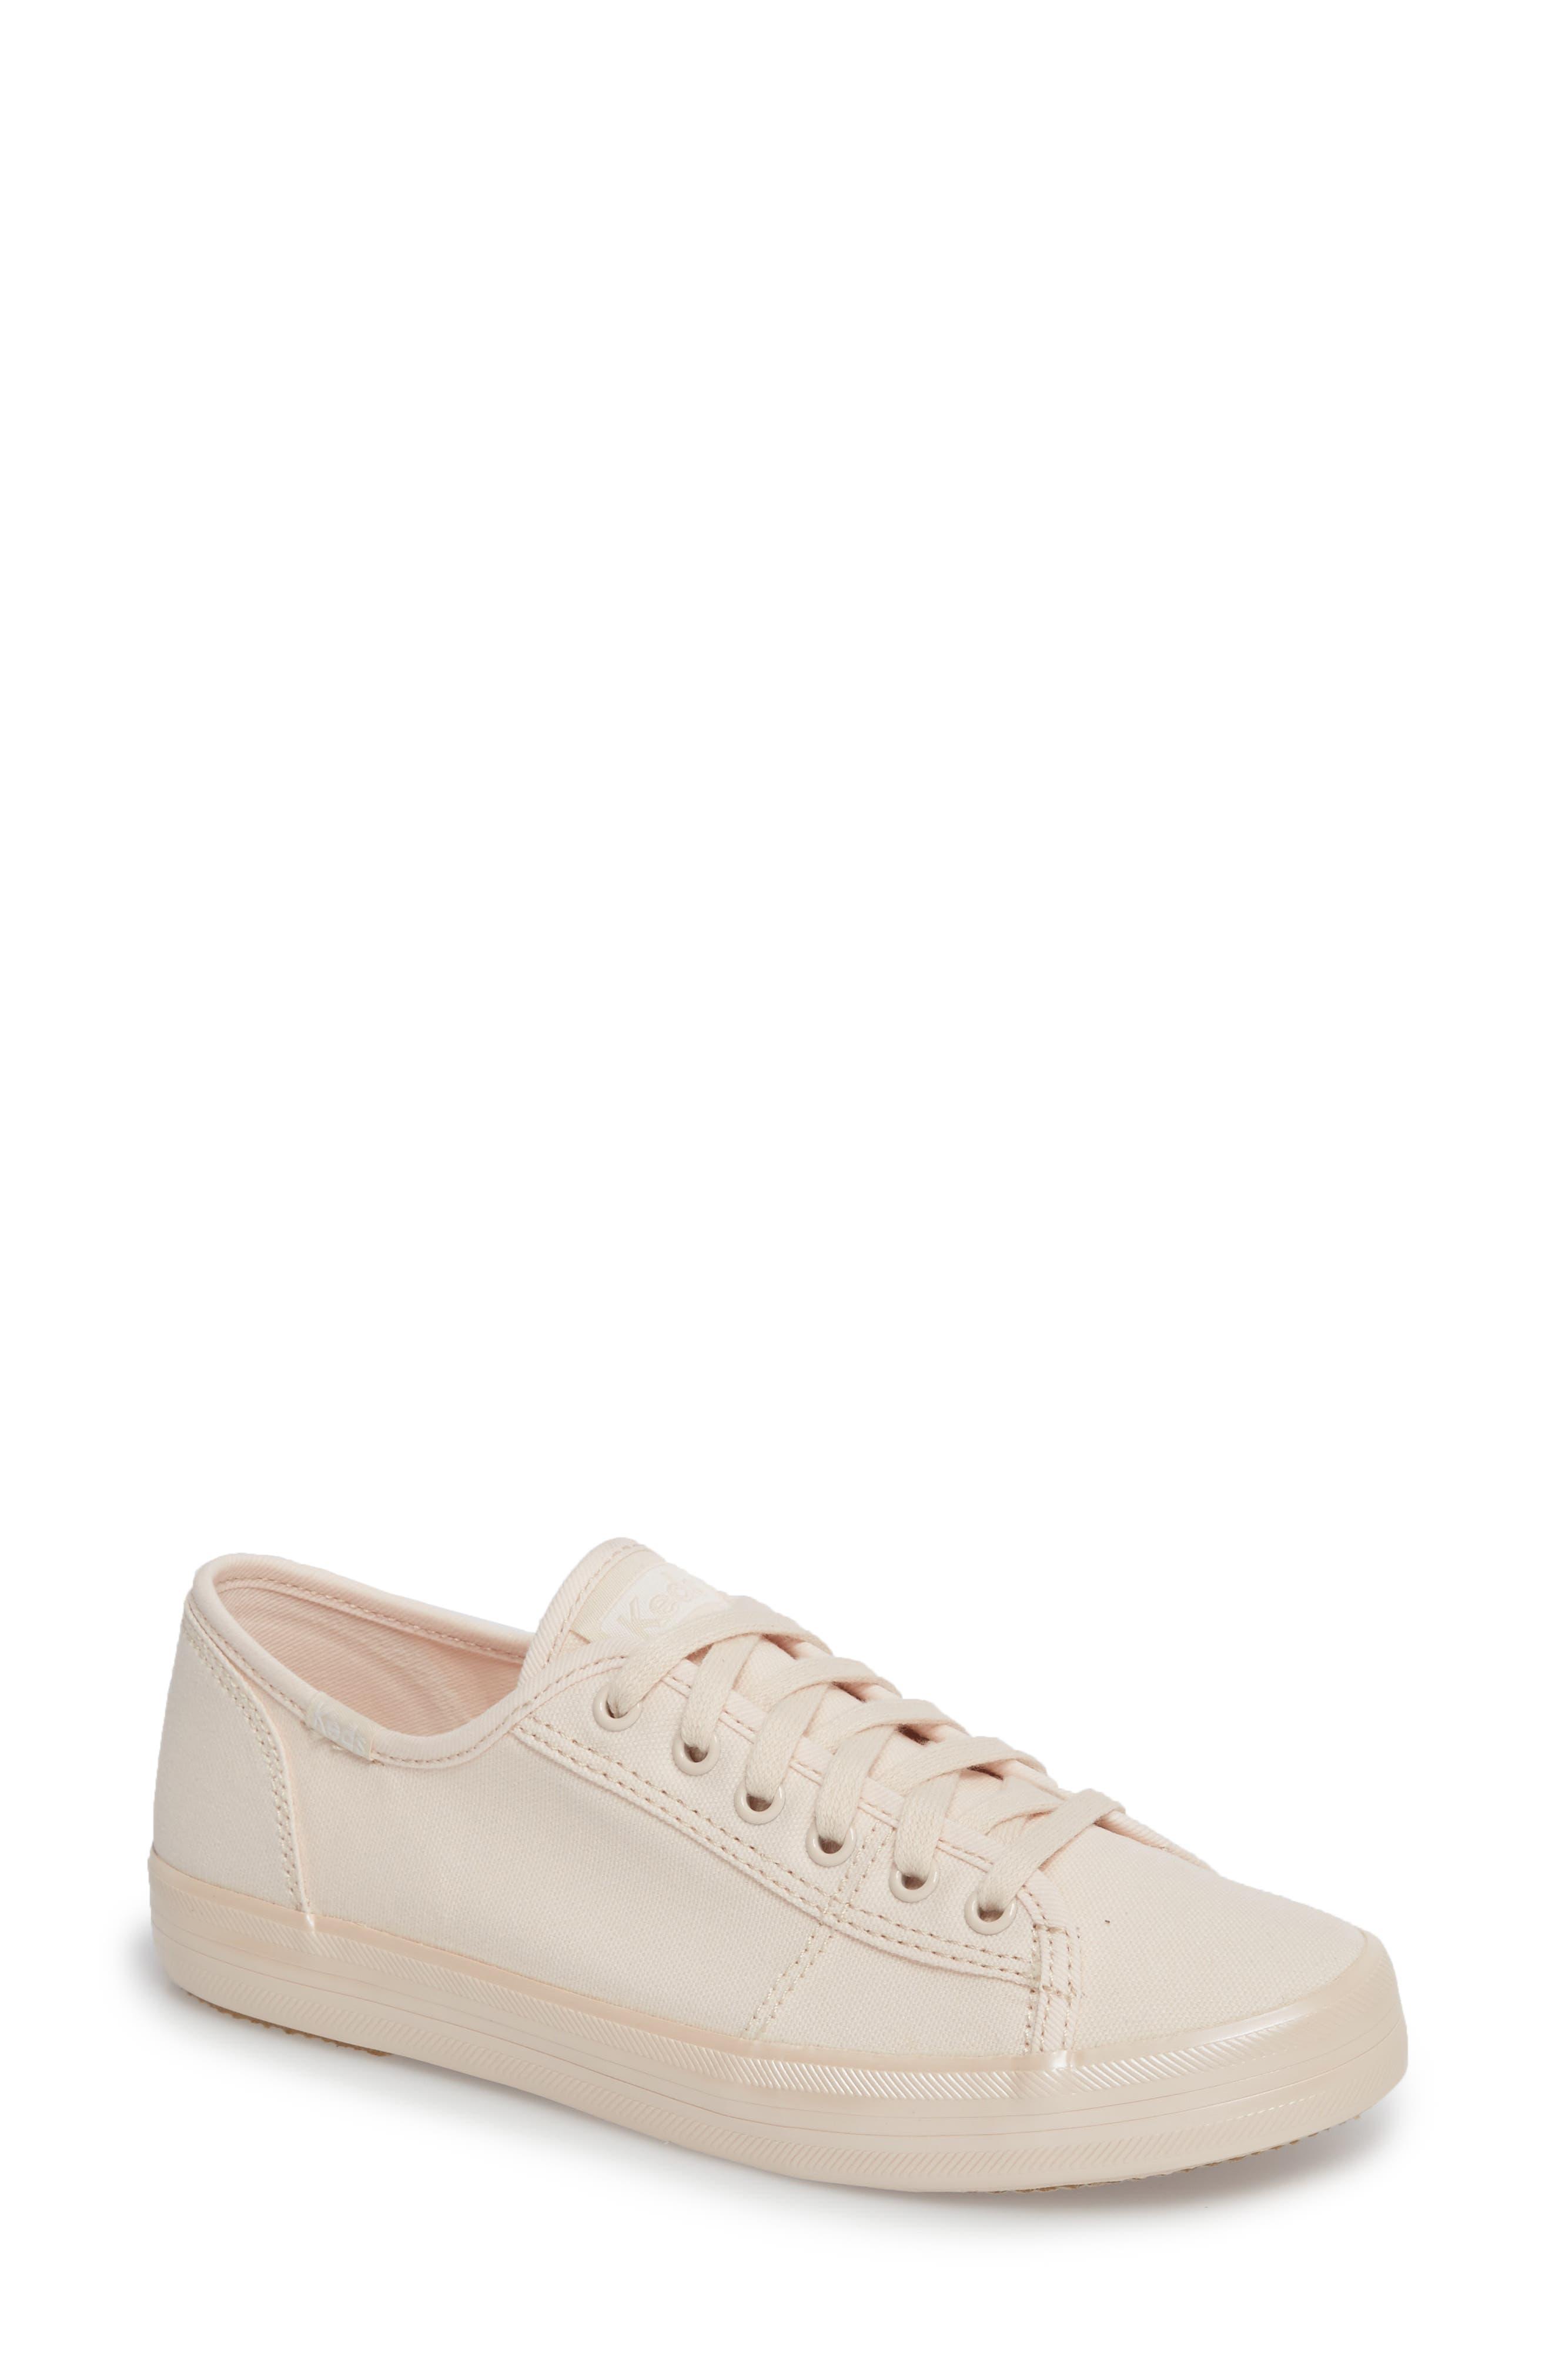 Alternate Image 1 Selected - Keds® Kickstart Shimmer Sneaker (Women)